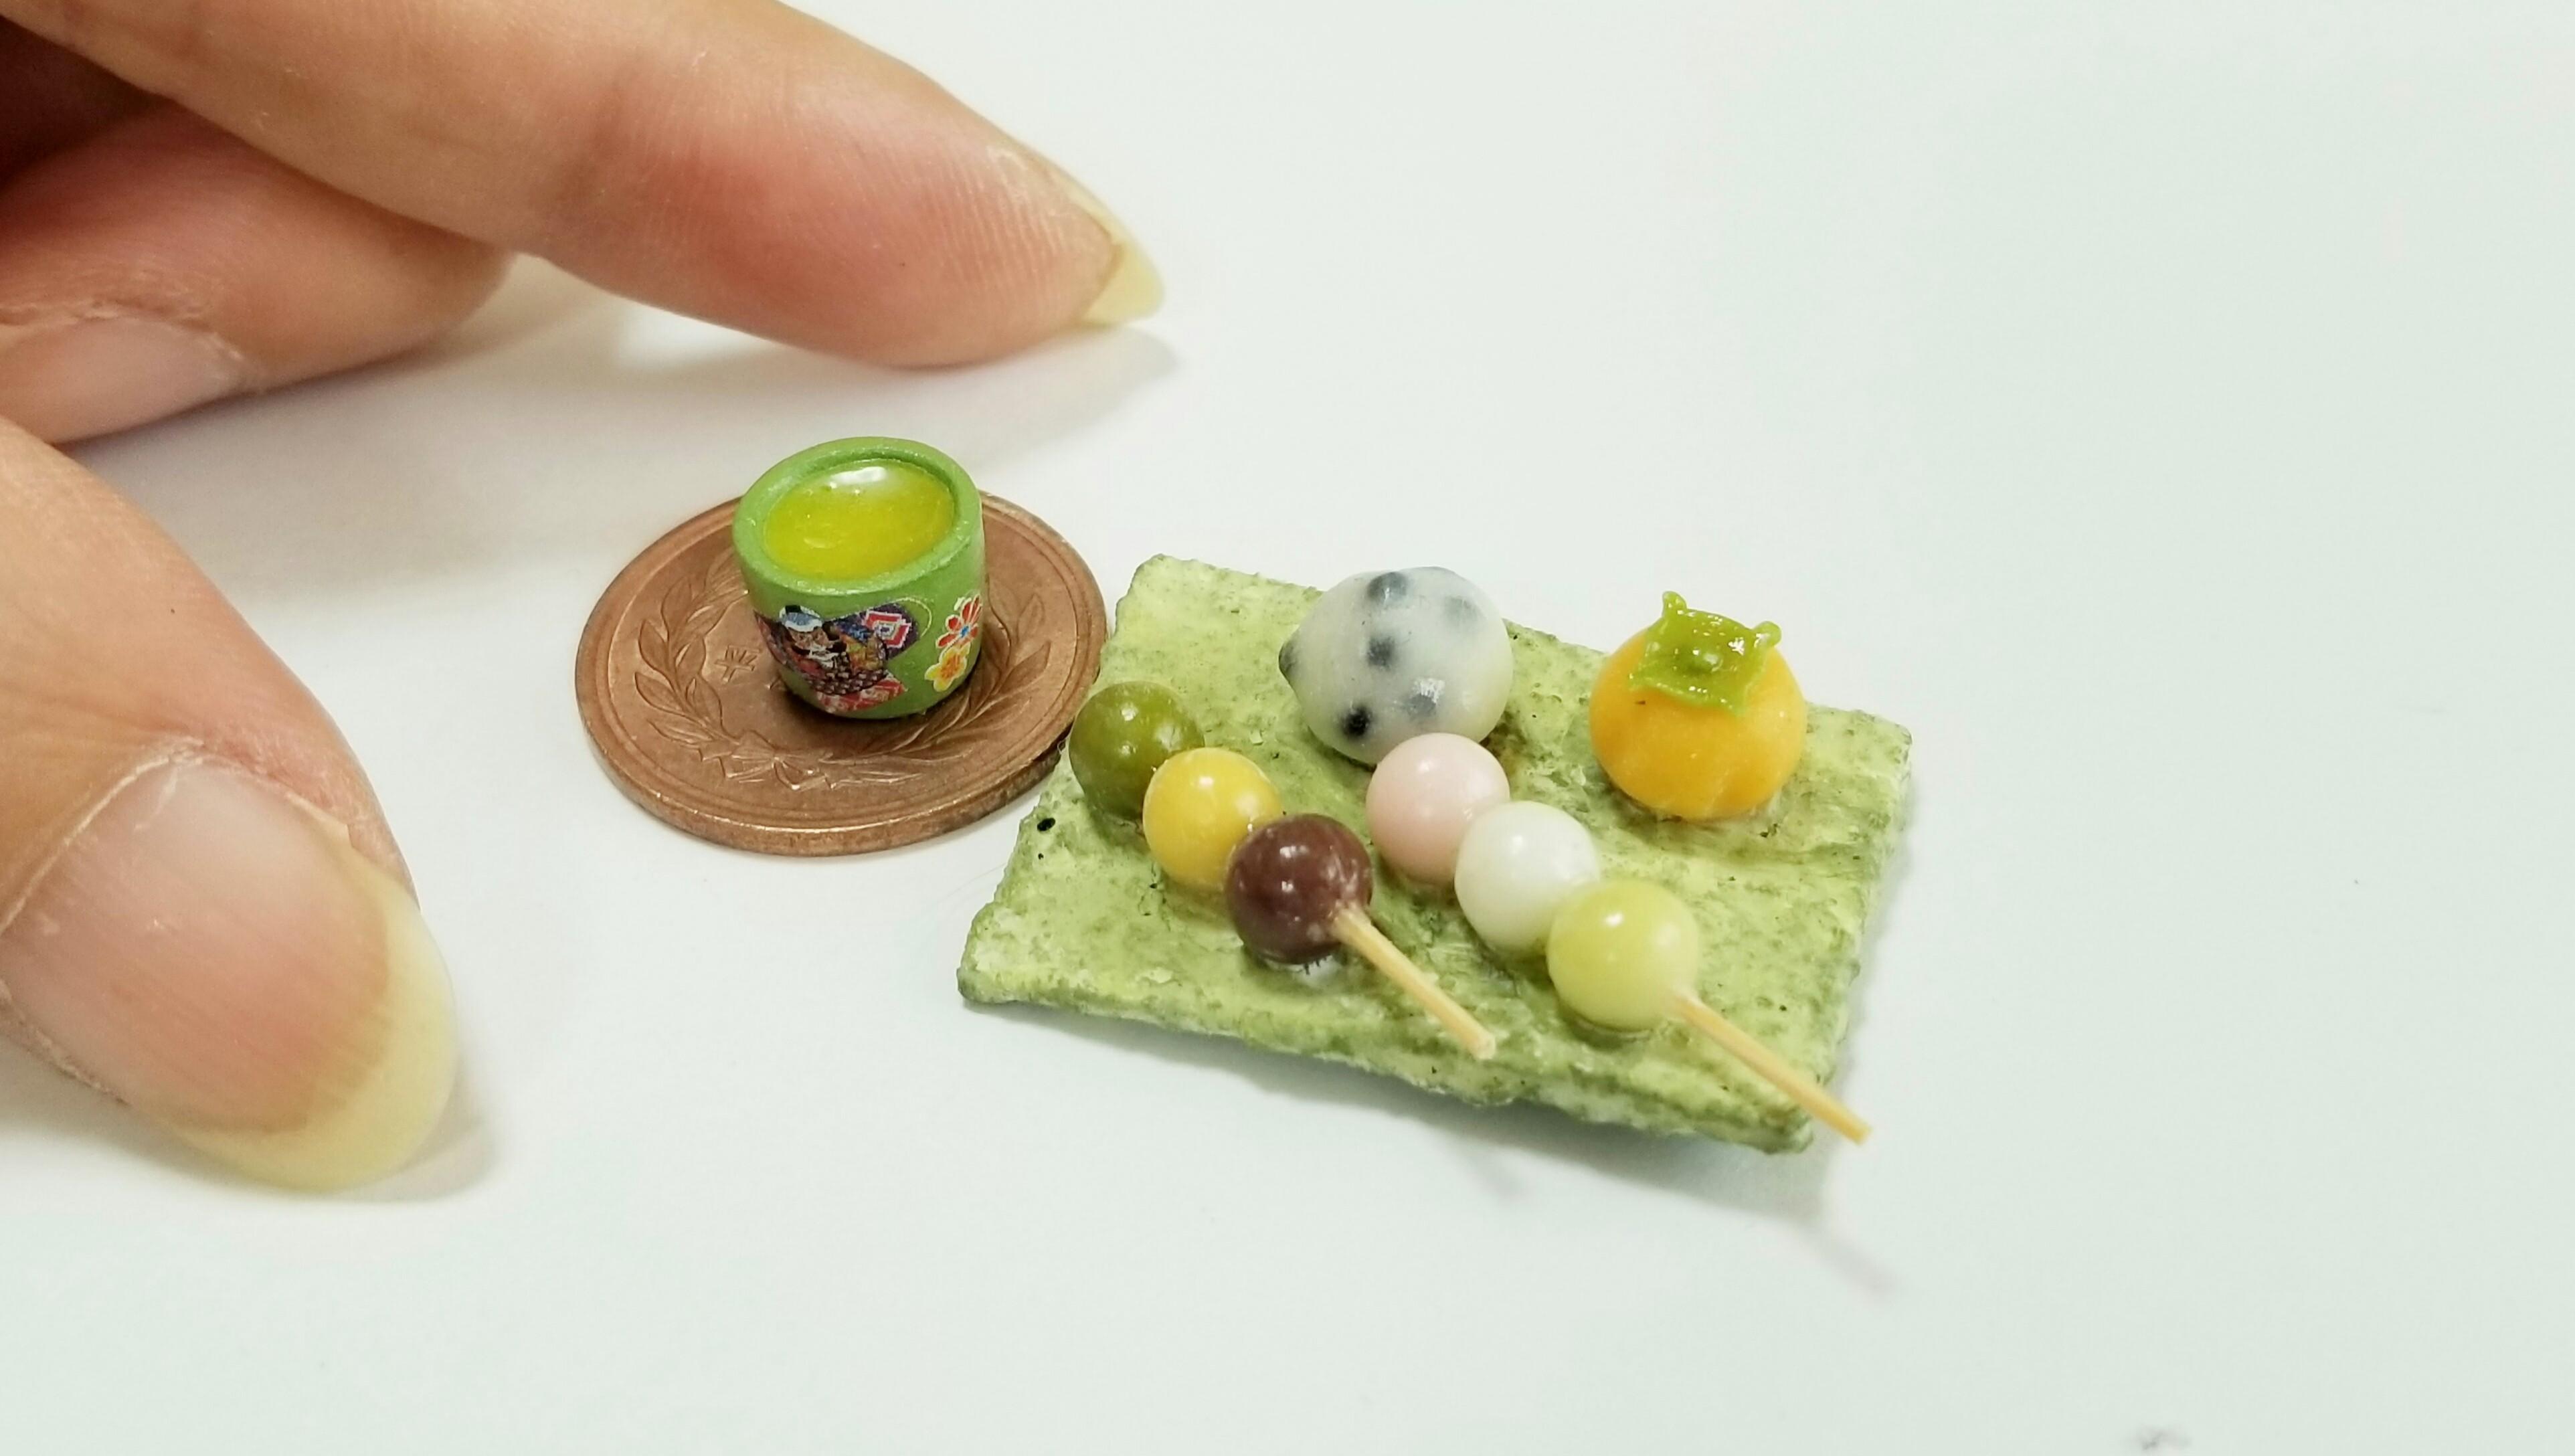 かわいい小さいおしゃれな人気和菓子おいしい食べたいおすすめブログ